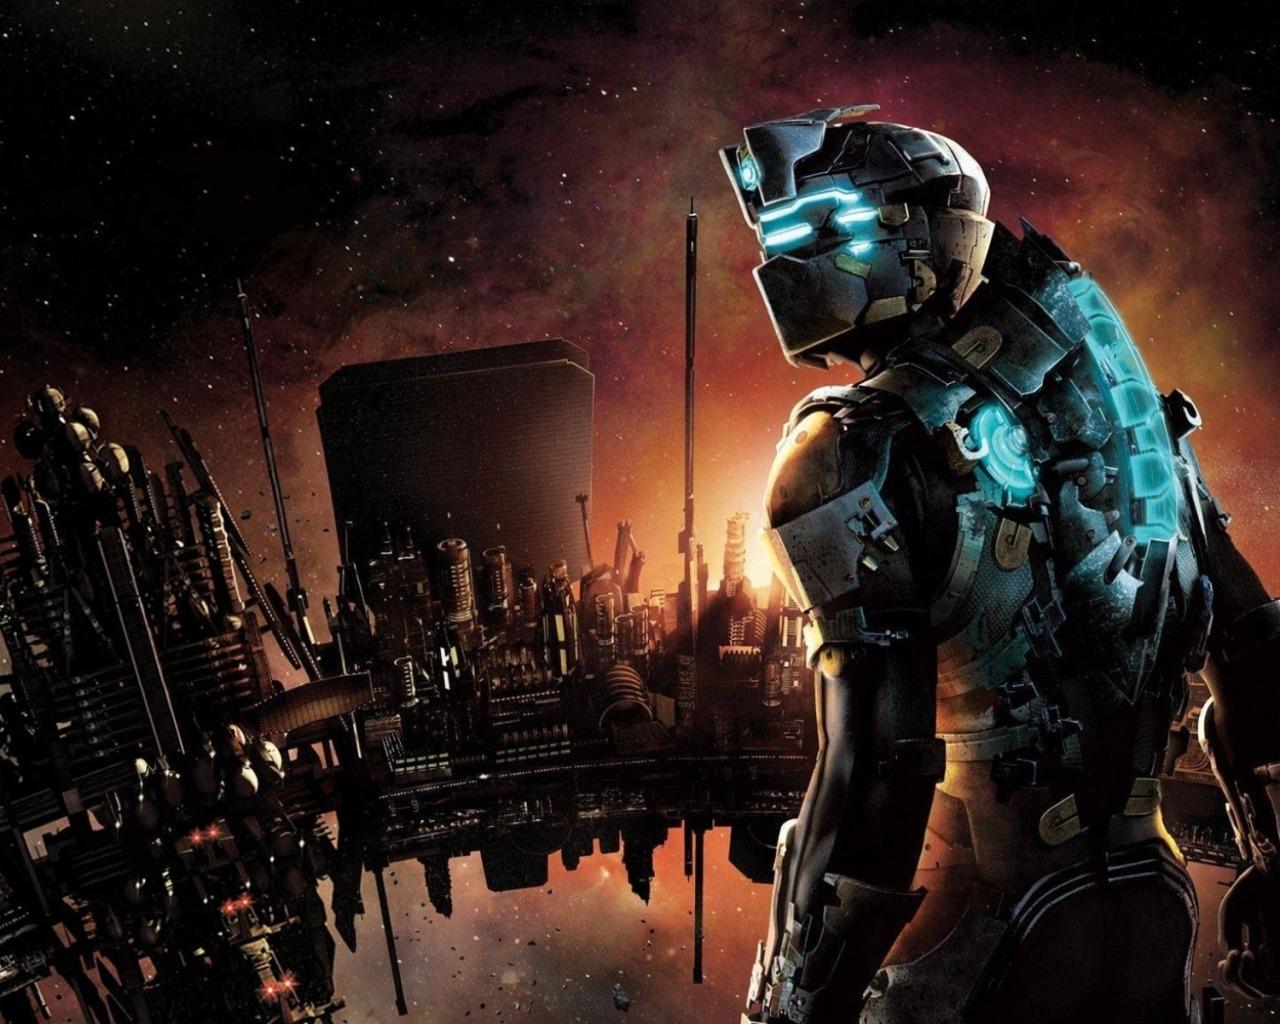 Картинки Игры Dead Space Dead Space 2 Fan ART компьютерная игра Фан АРТ